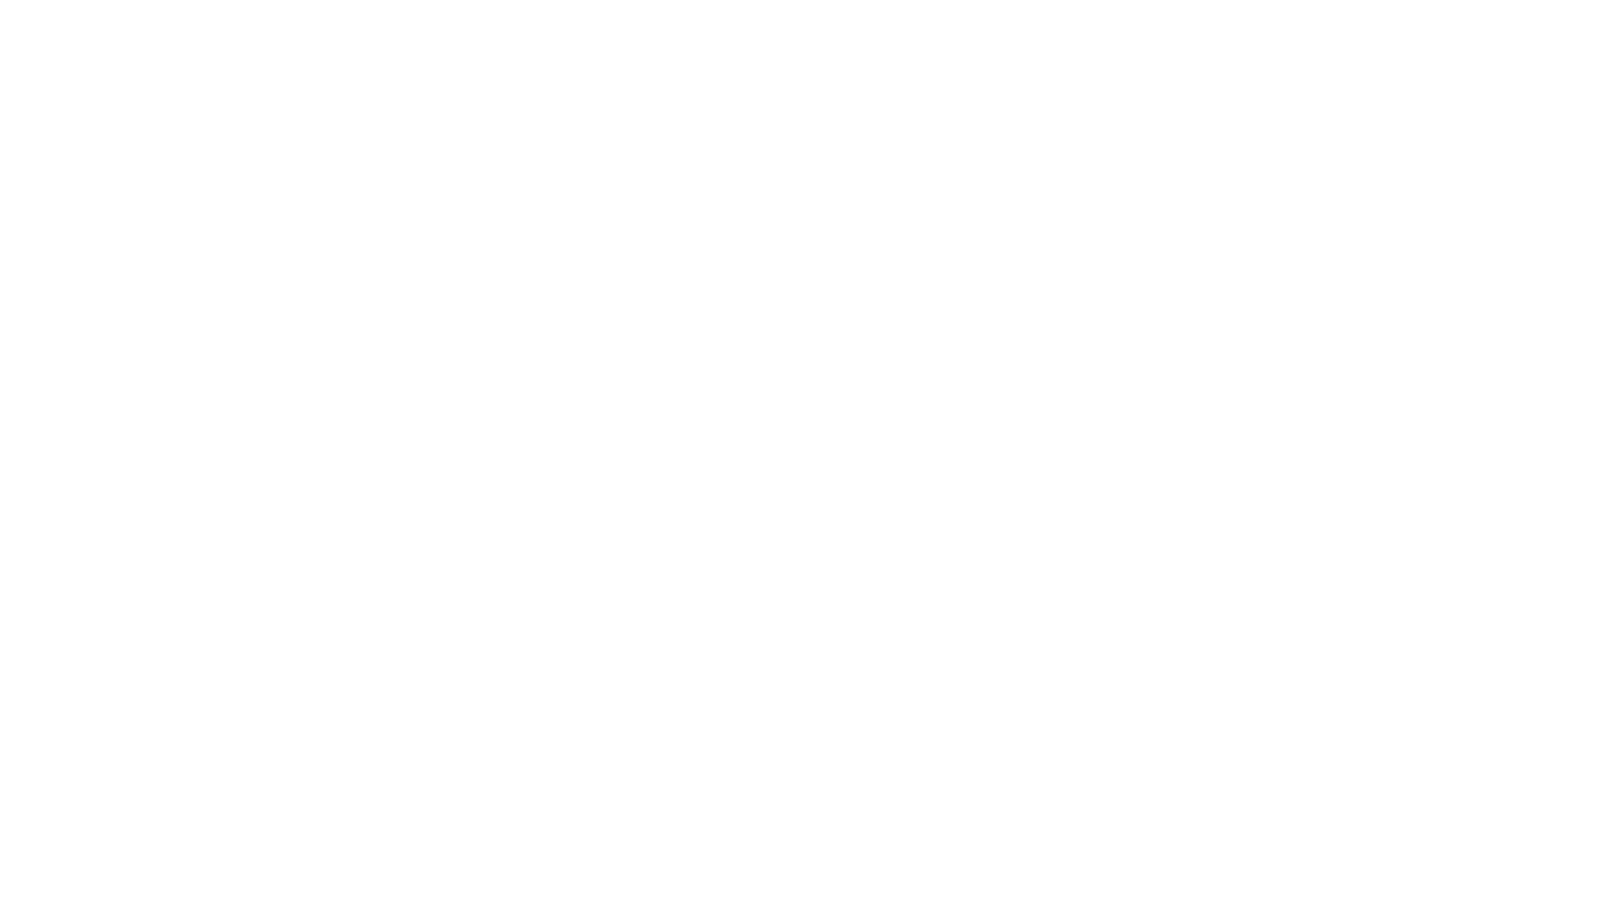 """Trailer oficial de la nueva adaptación de Stephen King. """"Hay una oscuridad dentro de nosotros que vive fuera de nosotros"""".  Lisey's Story se estrena el 4 de junio en Apple TV+  ==================== Restaurant de la Mente - Tienda online dedicada exclusivamente a Stephen King: https://restaurantdelamente.com  Instagram: https:/www.instagram.com/rdlm_king Facebook: https://www.facebook.com/restaurantdelamente Twitter: https//www.twiter.com/rdlm_king"""